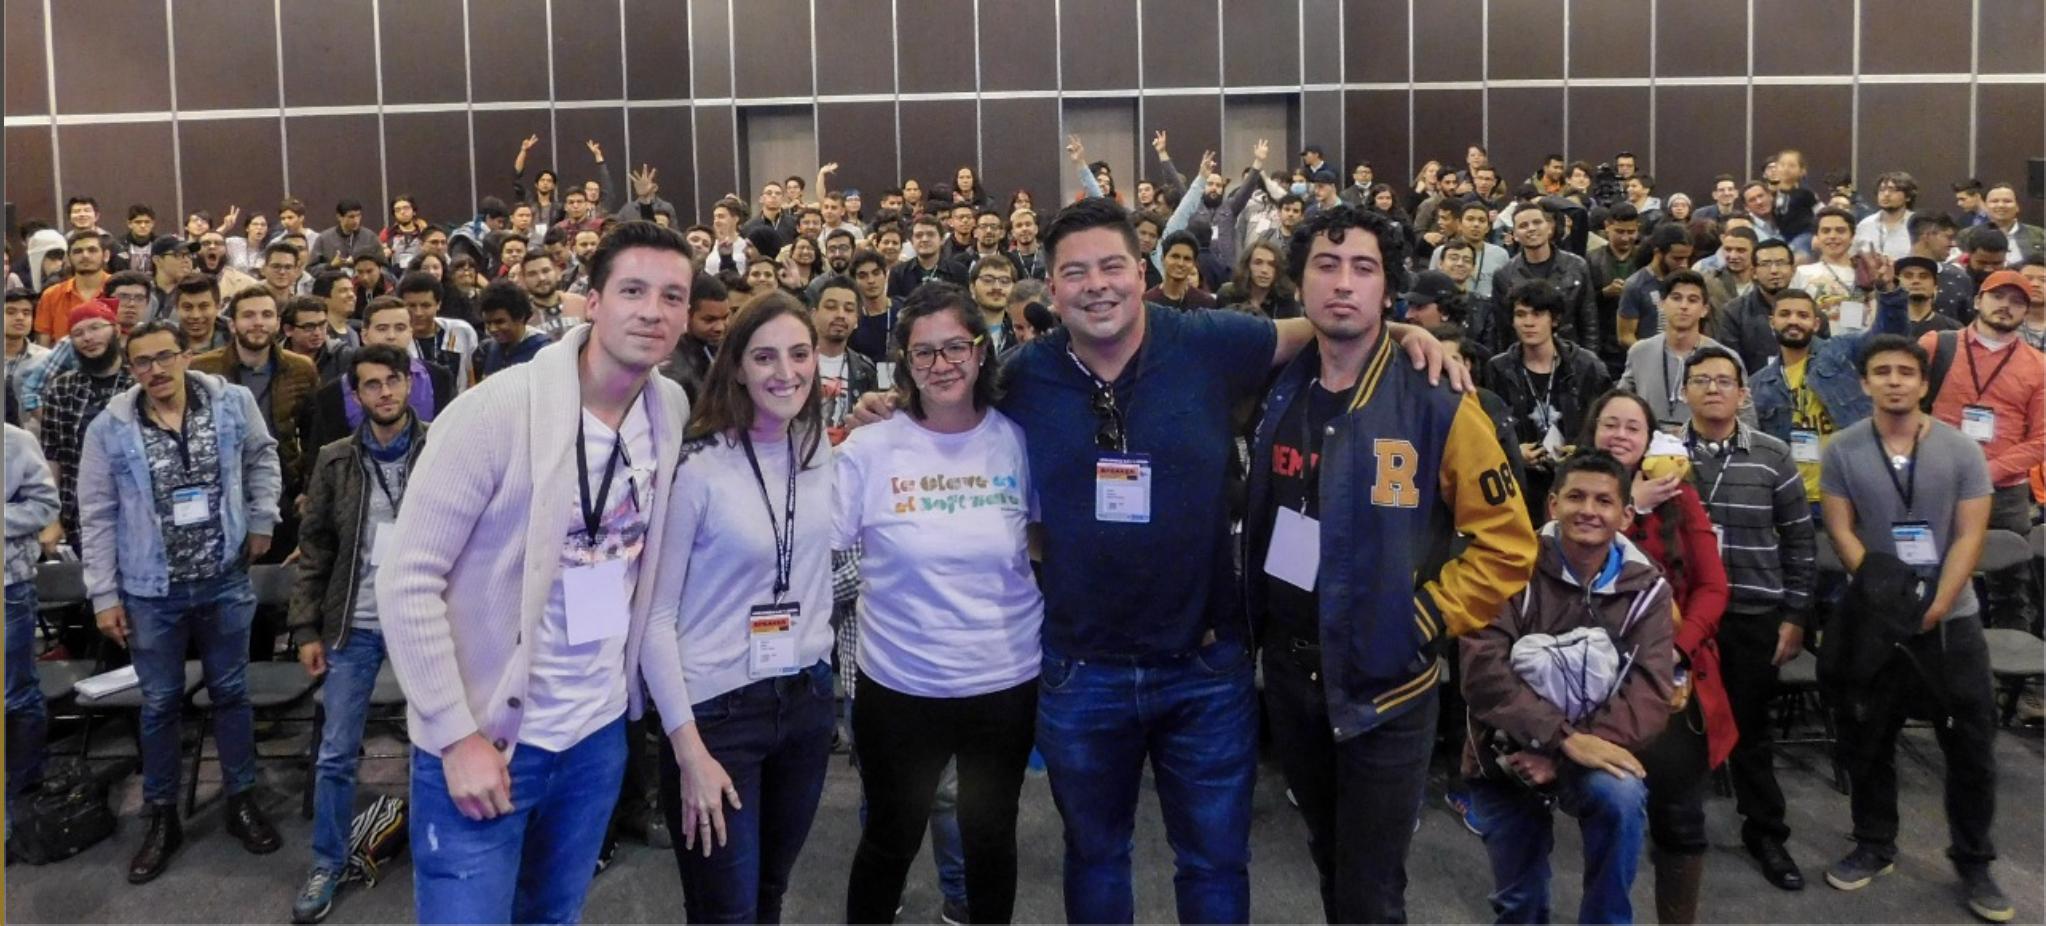 Colombia 4.0, fedesoft, videojuegos, tan grande y jugando, Sandra Castro, David Vega, Rockstar, Mariana Botero, Criterion Games, Electronic Arts, Jairo Sanchez, Blizzard Entertainment, y Daniel Cabrera, Rocket Ride Games,